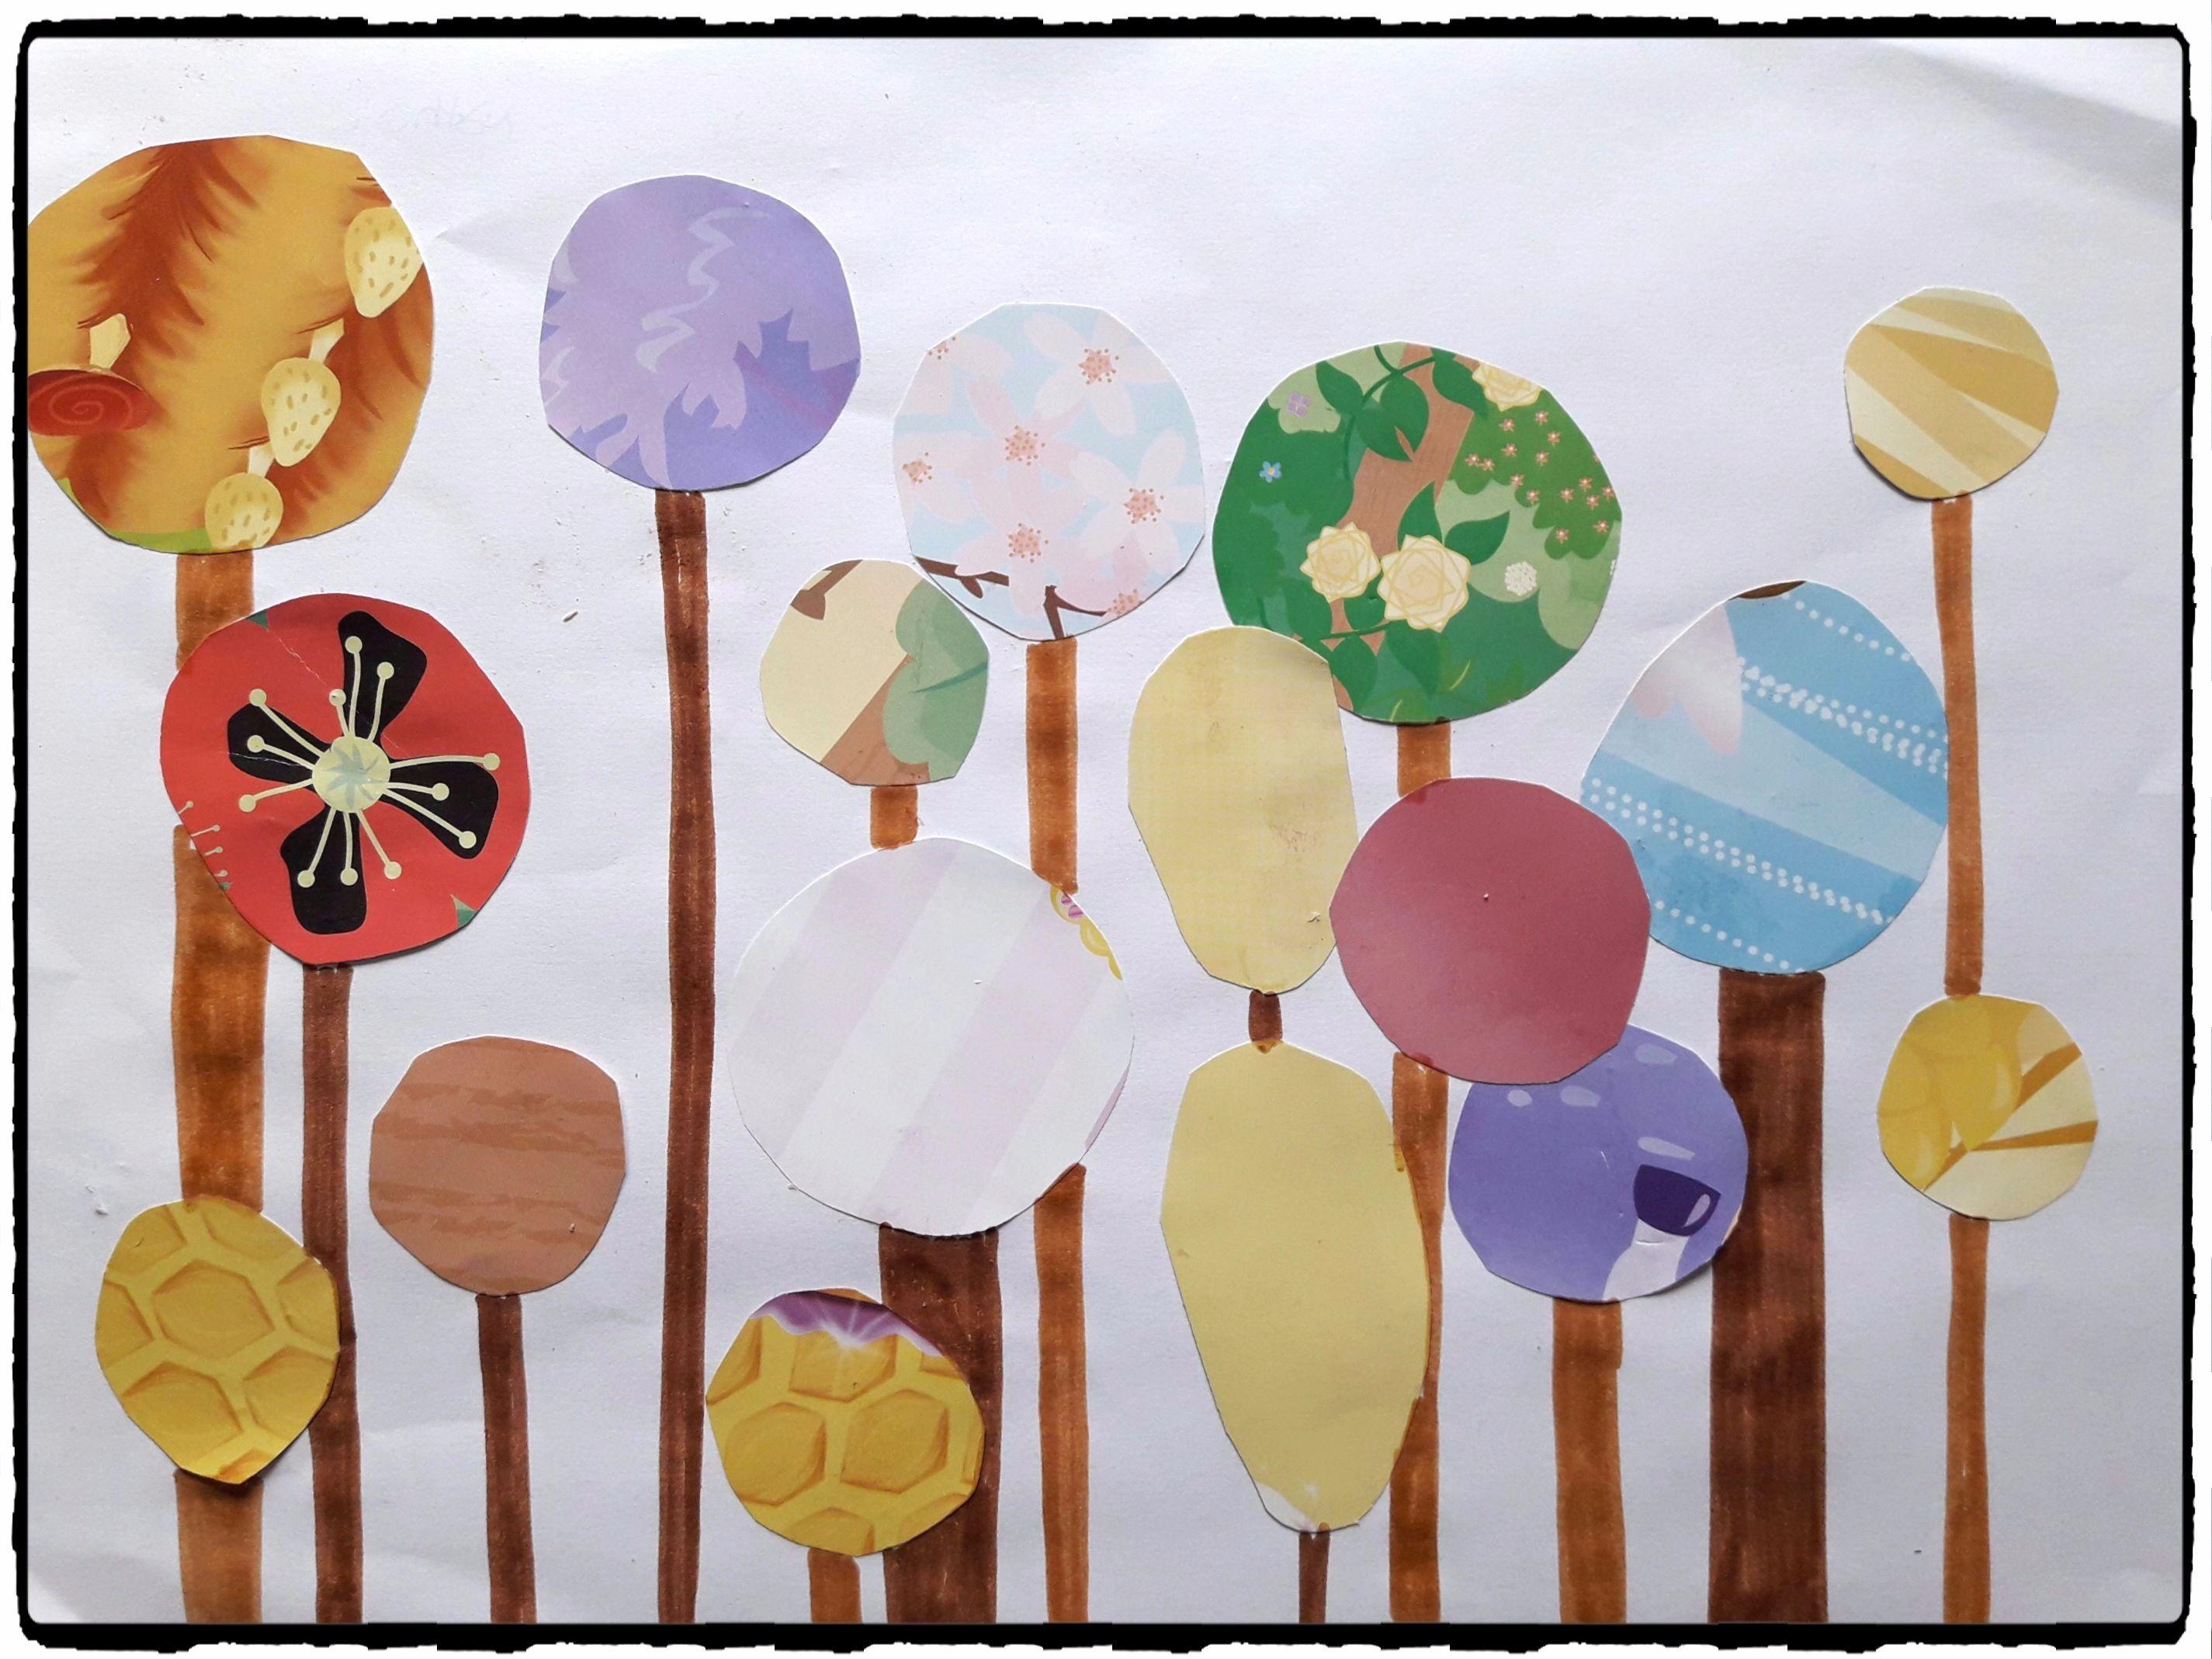 bricolage arbre automne great sur du papier cartonn blanc et pais dcoupez des feuilles duarbre. Black Bedroom Furniture Sets. Home Design Ideas